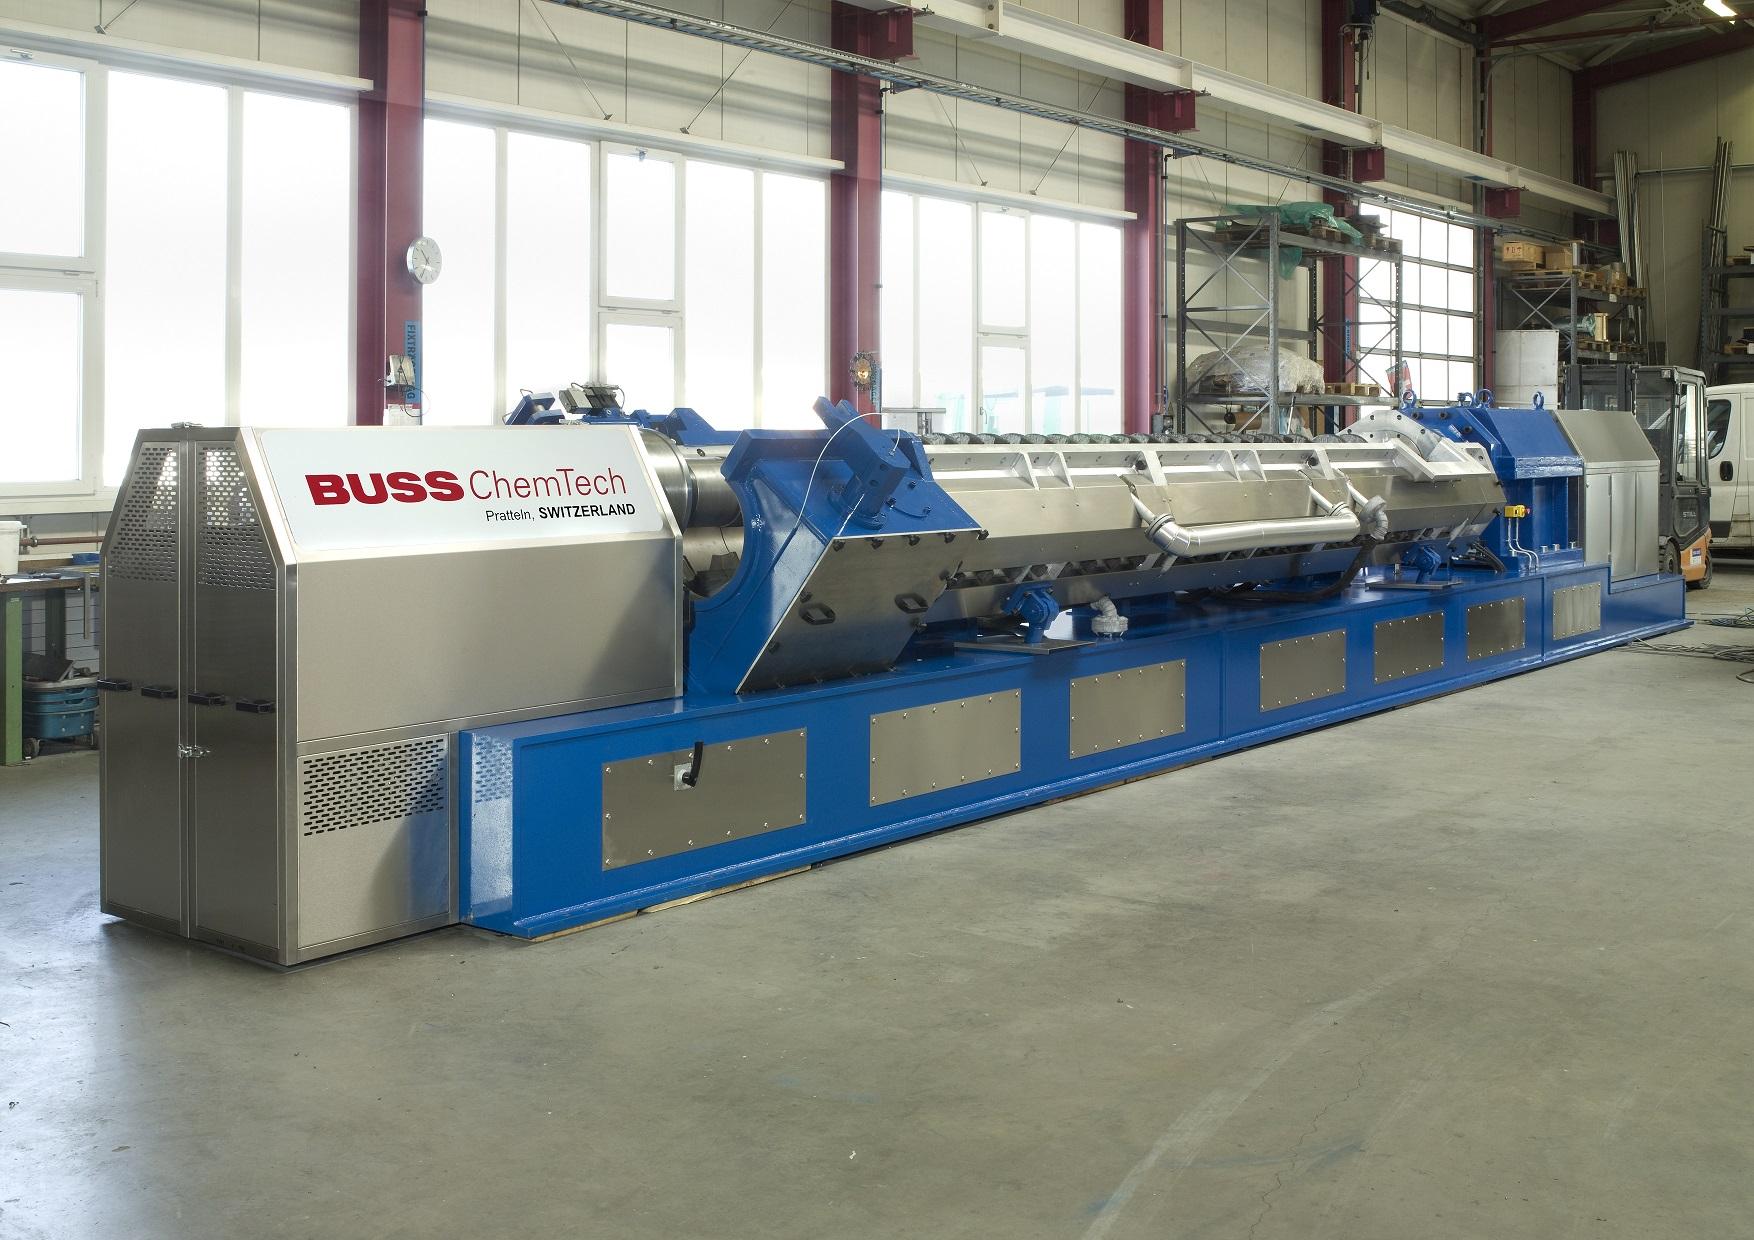 BCT Key Equipment - Buss ChemTech AG